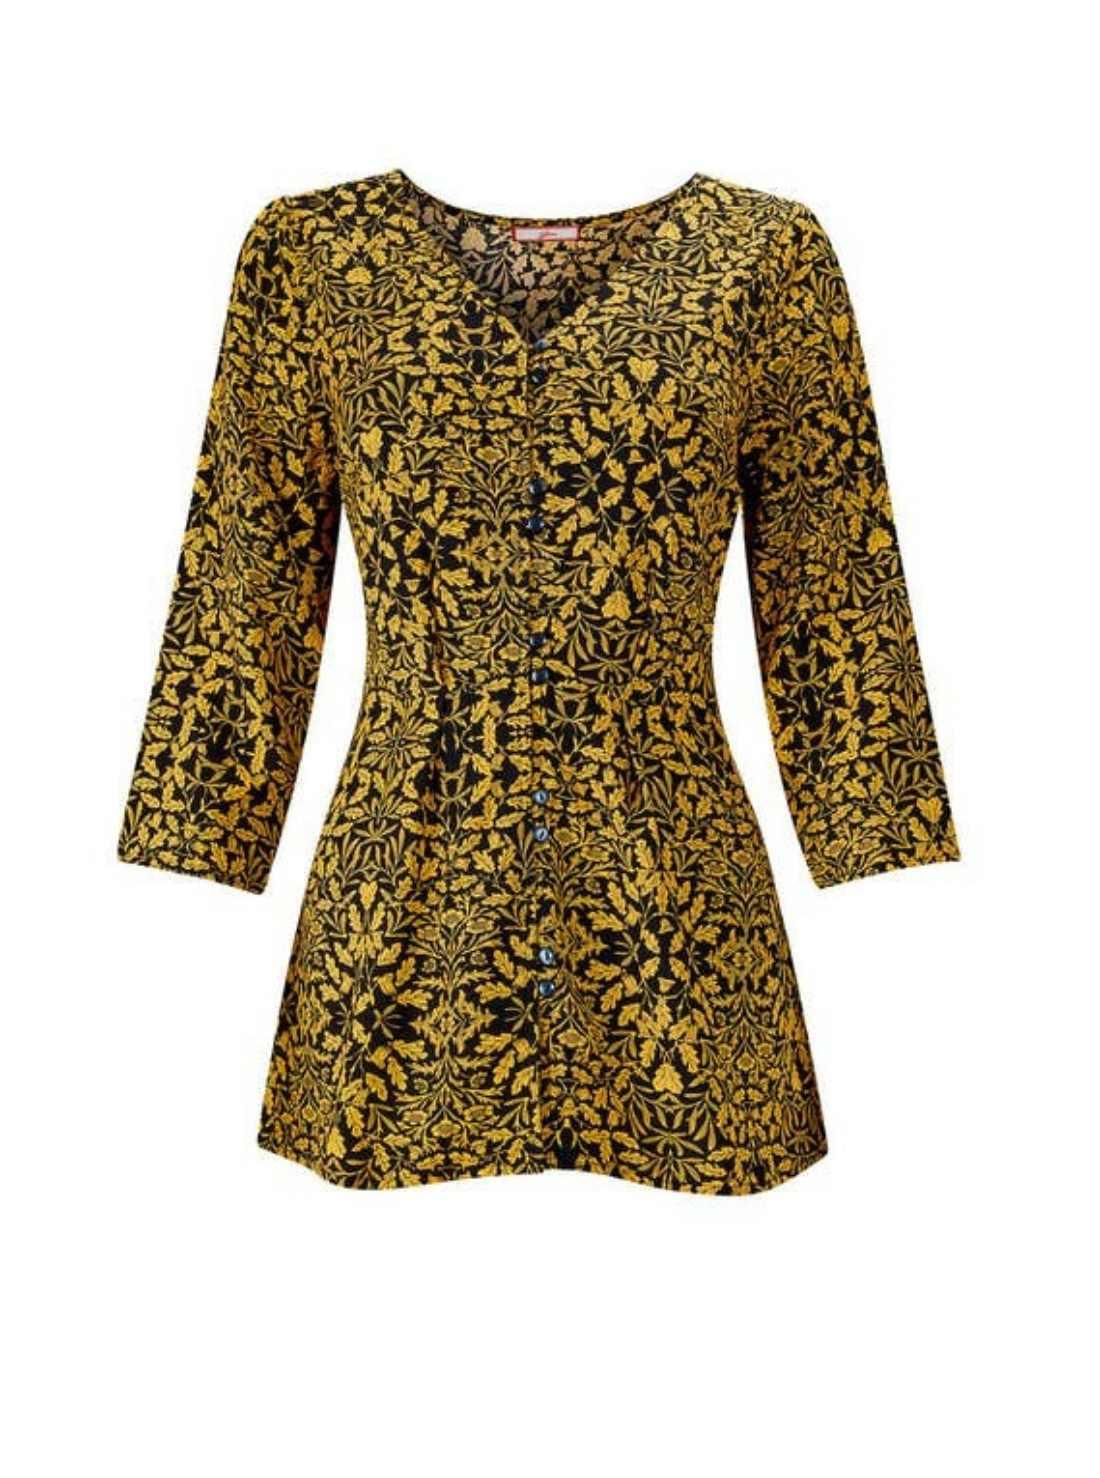 Amazing print boho blouse